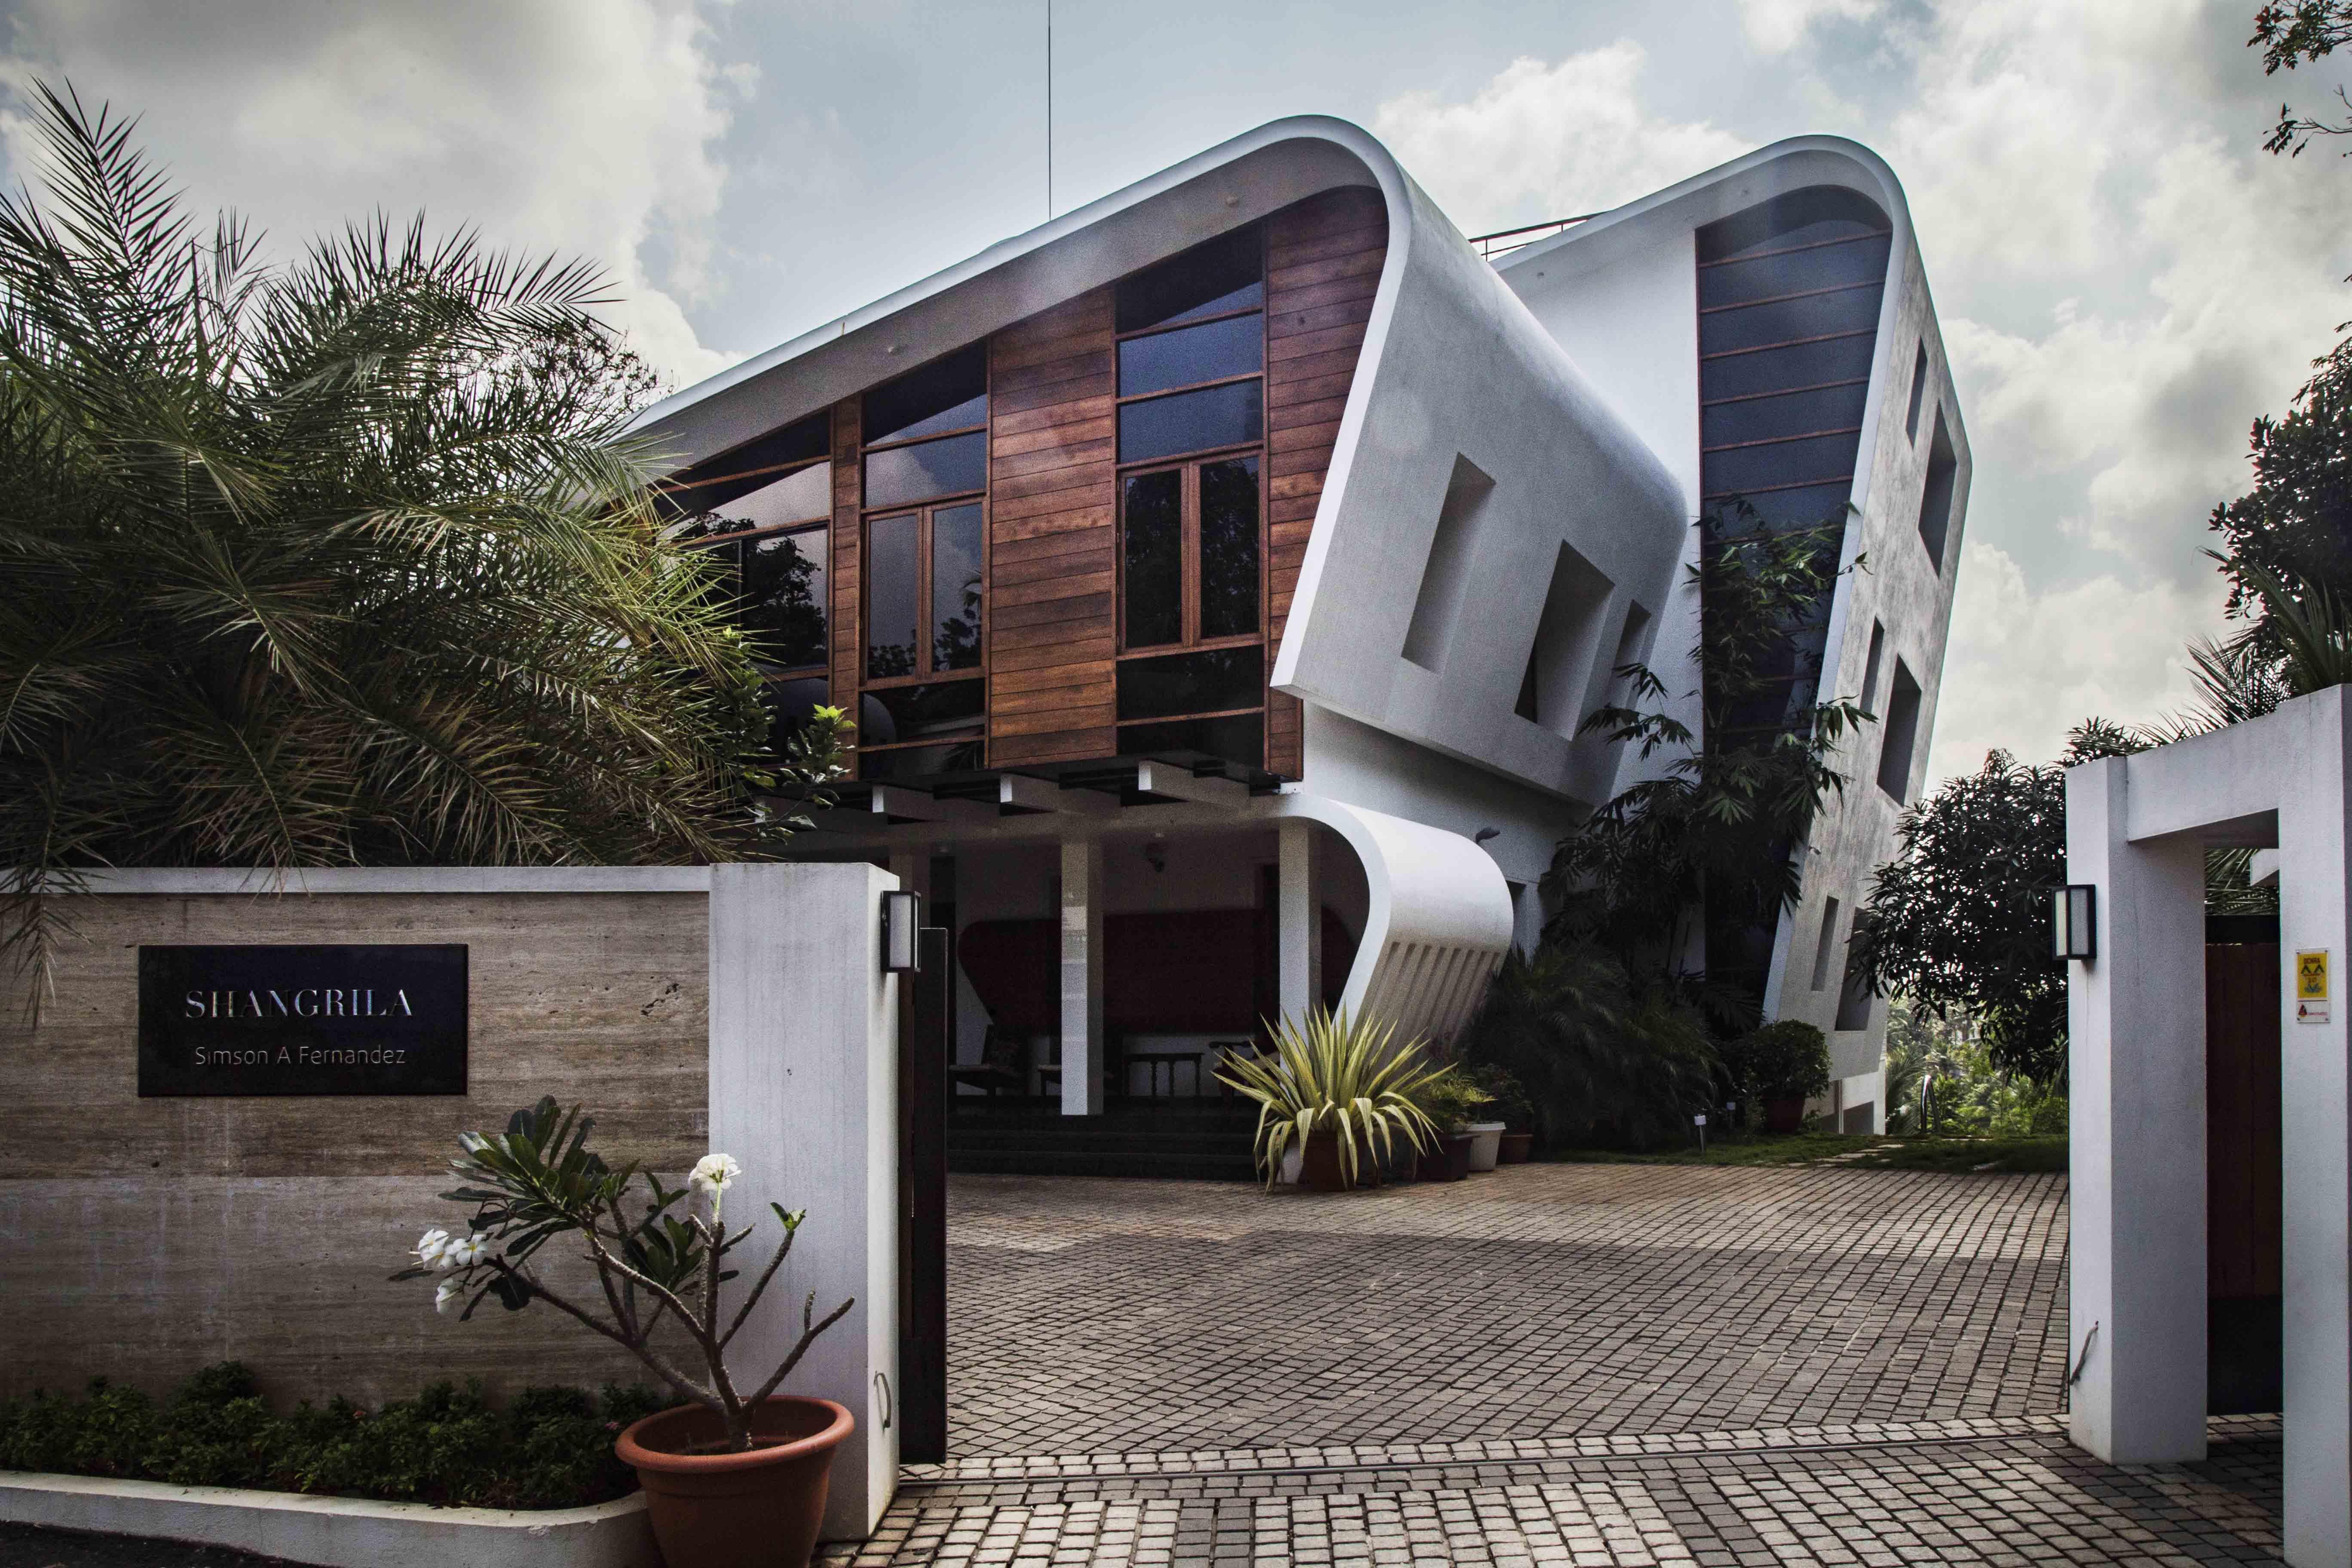 Top 40 Architecture Firms in Kerala - Design Art and Culture(DAC), Calicut